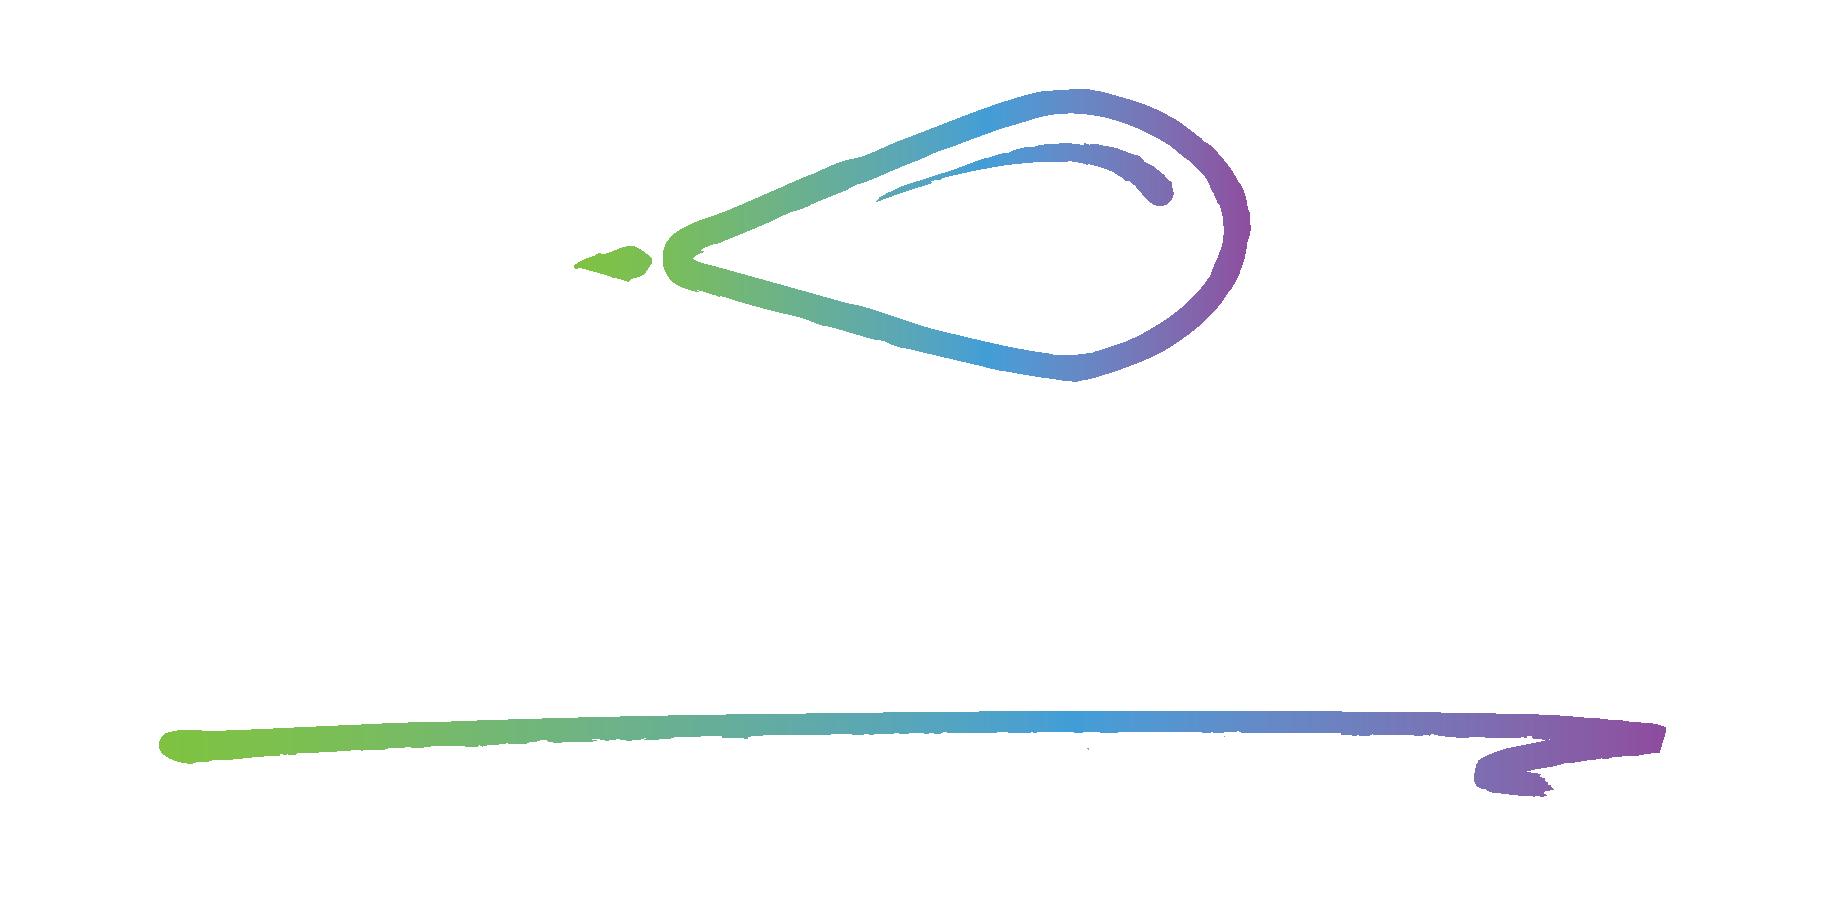 Forward Inking